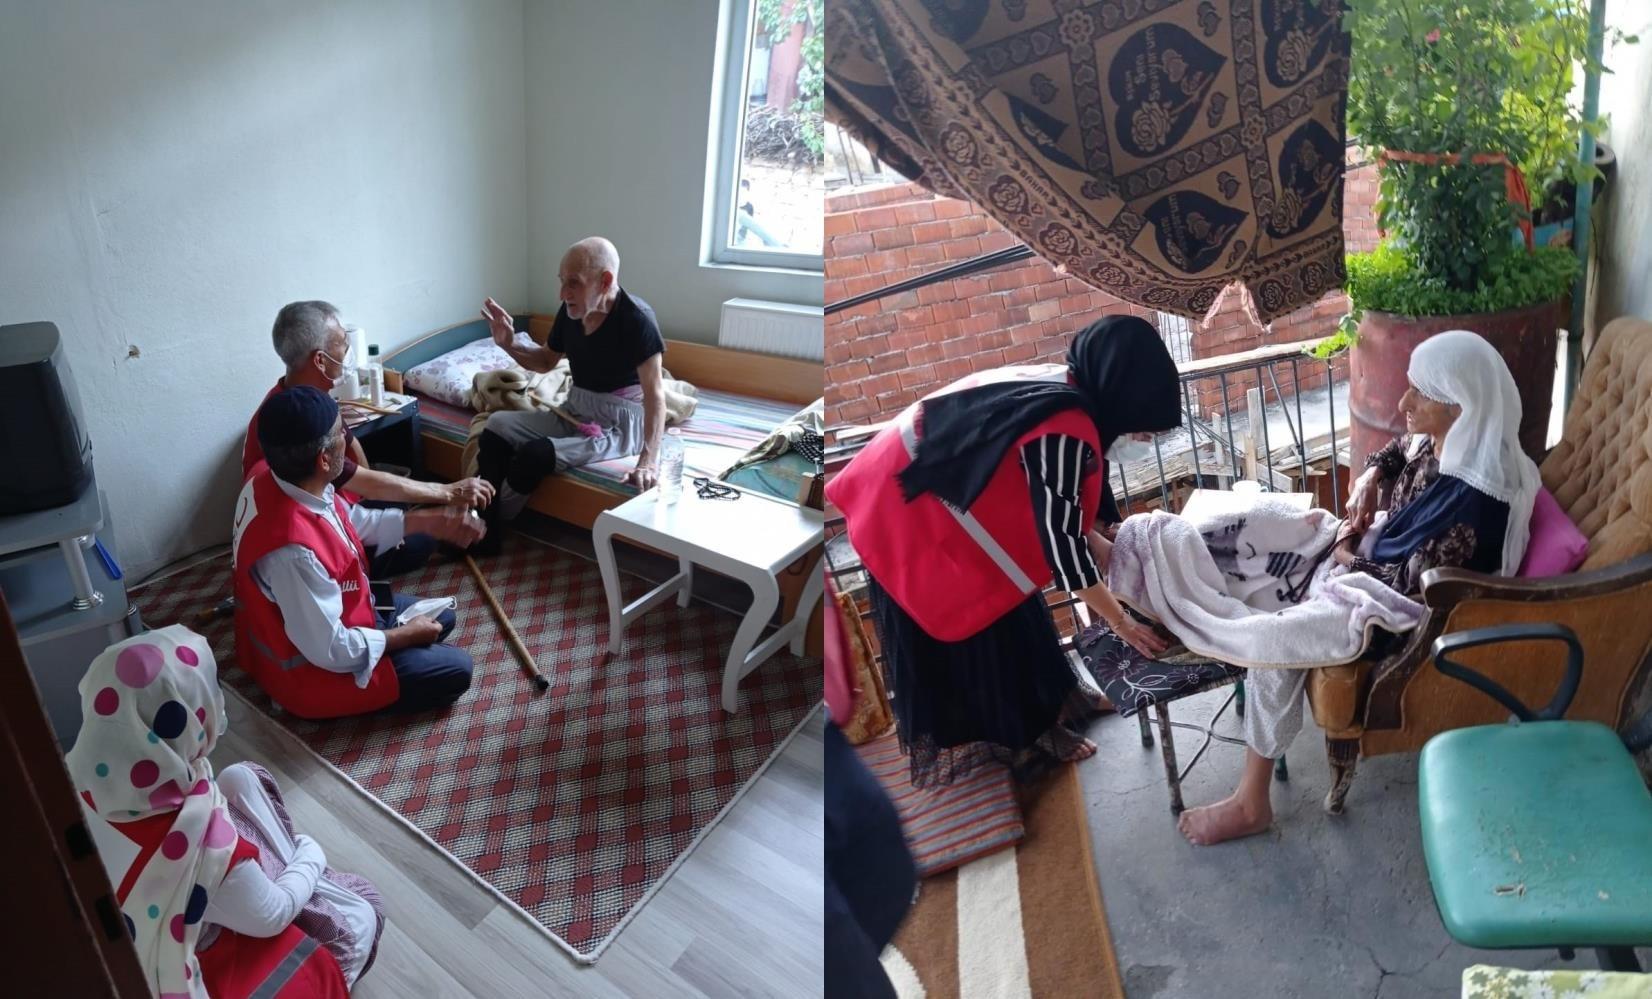 Kızılayı'ndan Dicle'de engelli, hasta ve yaşlı ailelere ziyaret